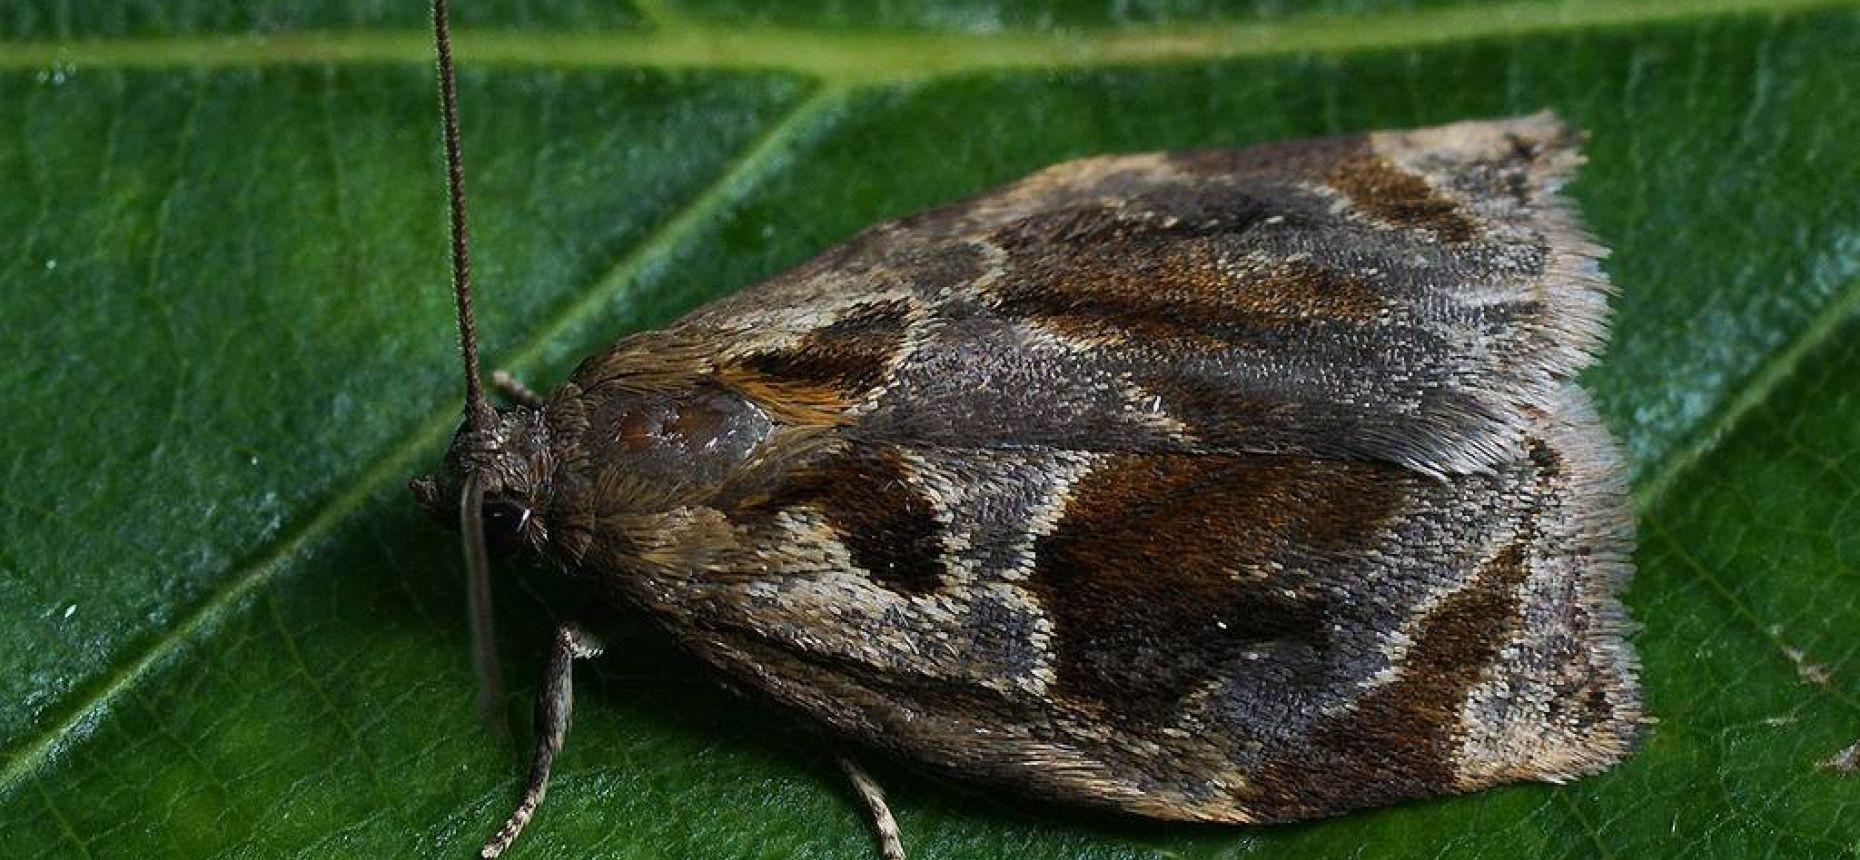 Боярышниковая листовертка-толстушка - Archips crataegana Hbn.